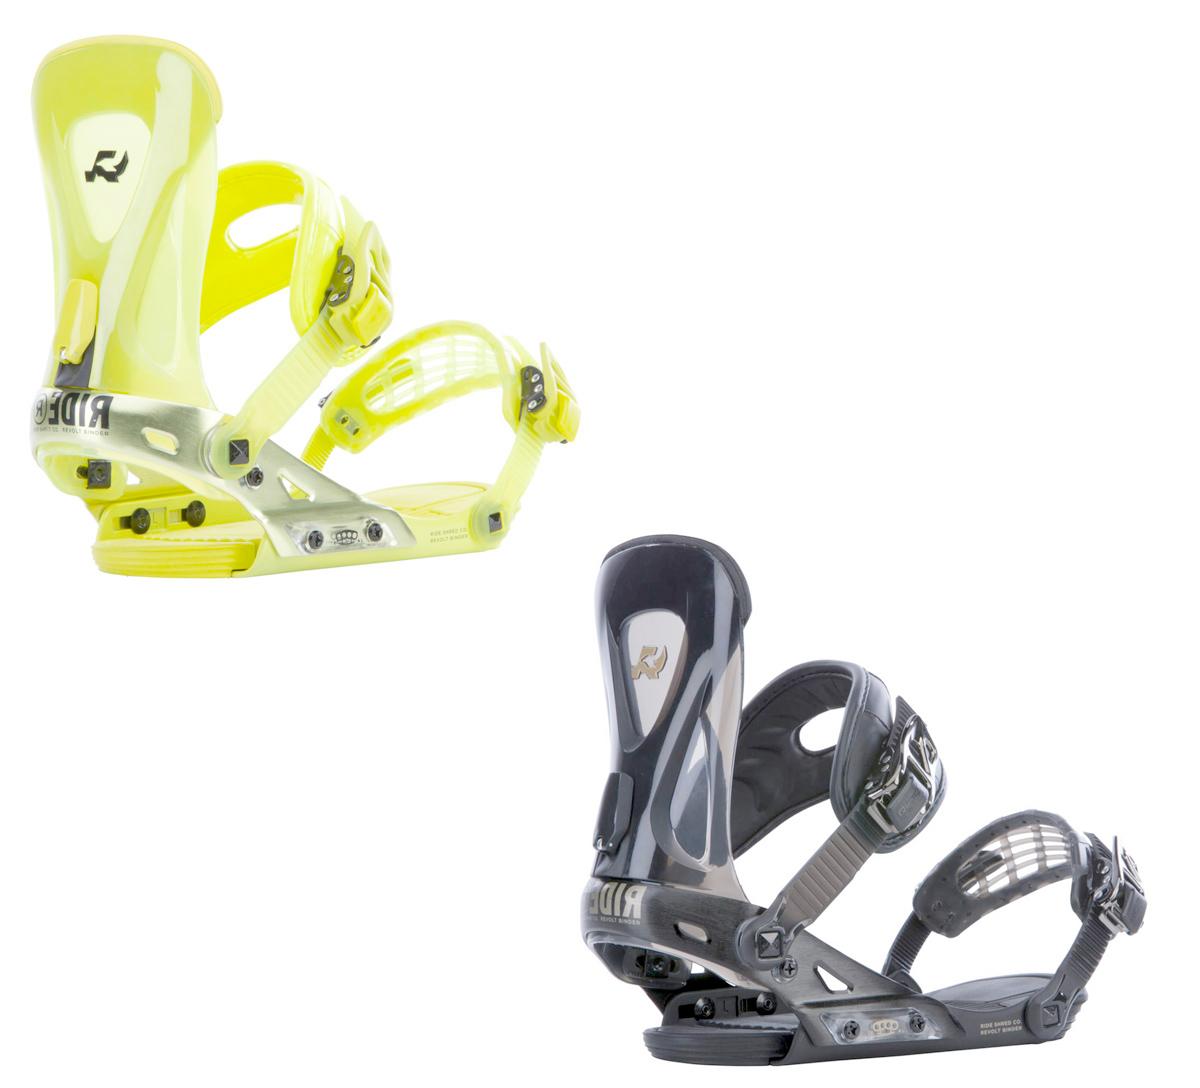 804714de5b2a Details about Ride Snowboard Bindings - Revolt - All-Mountain